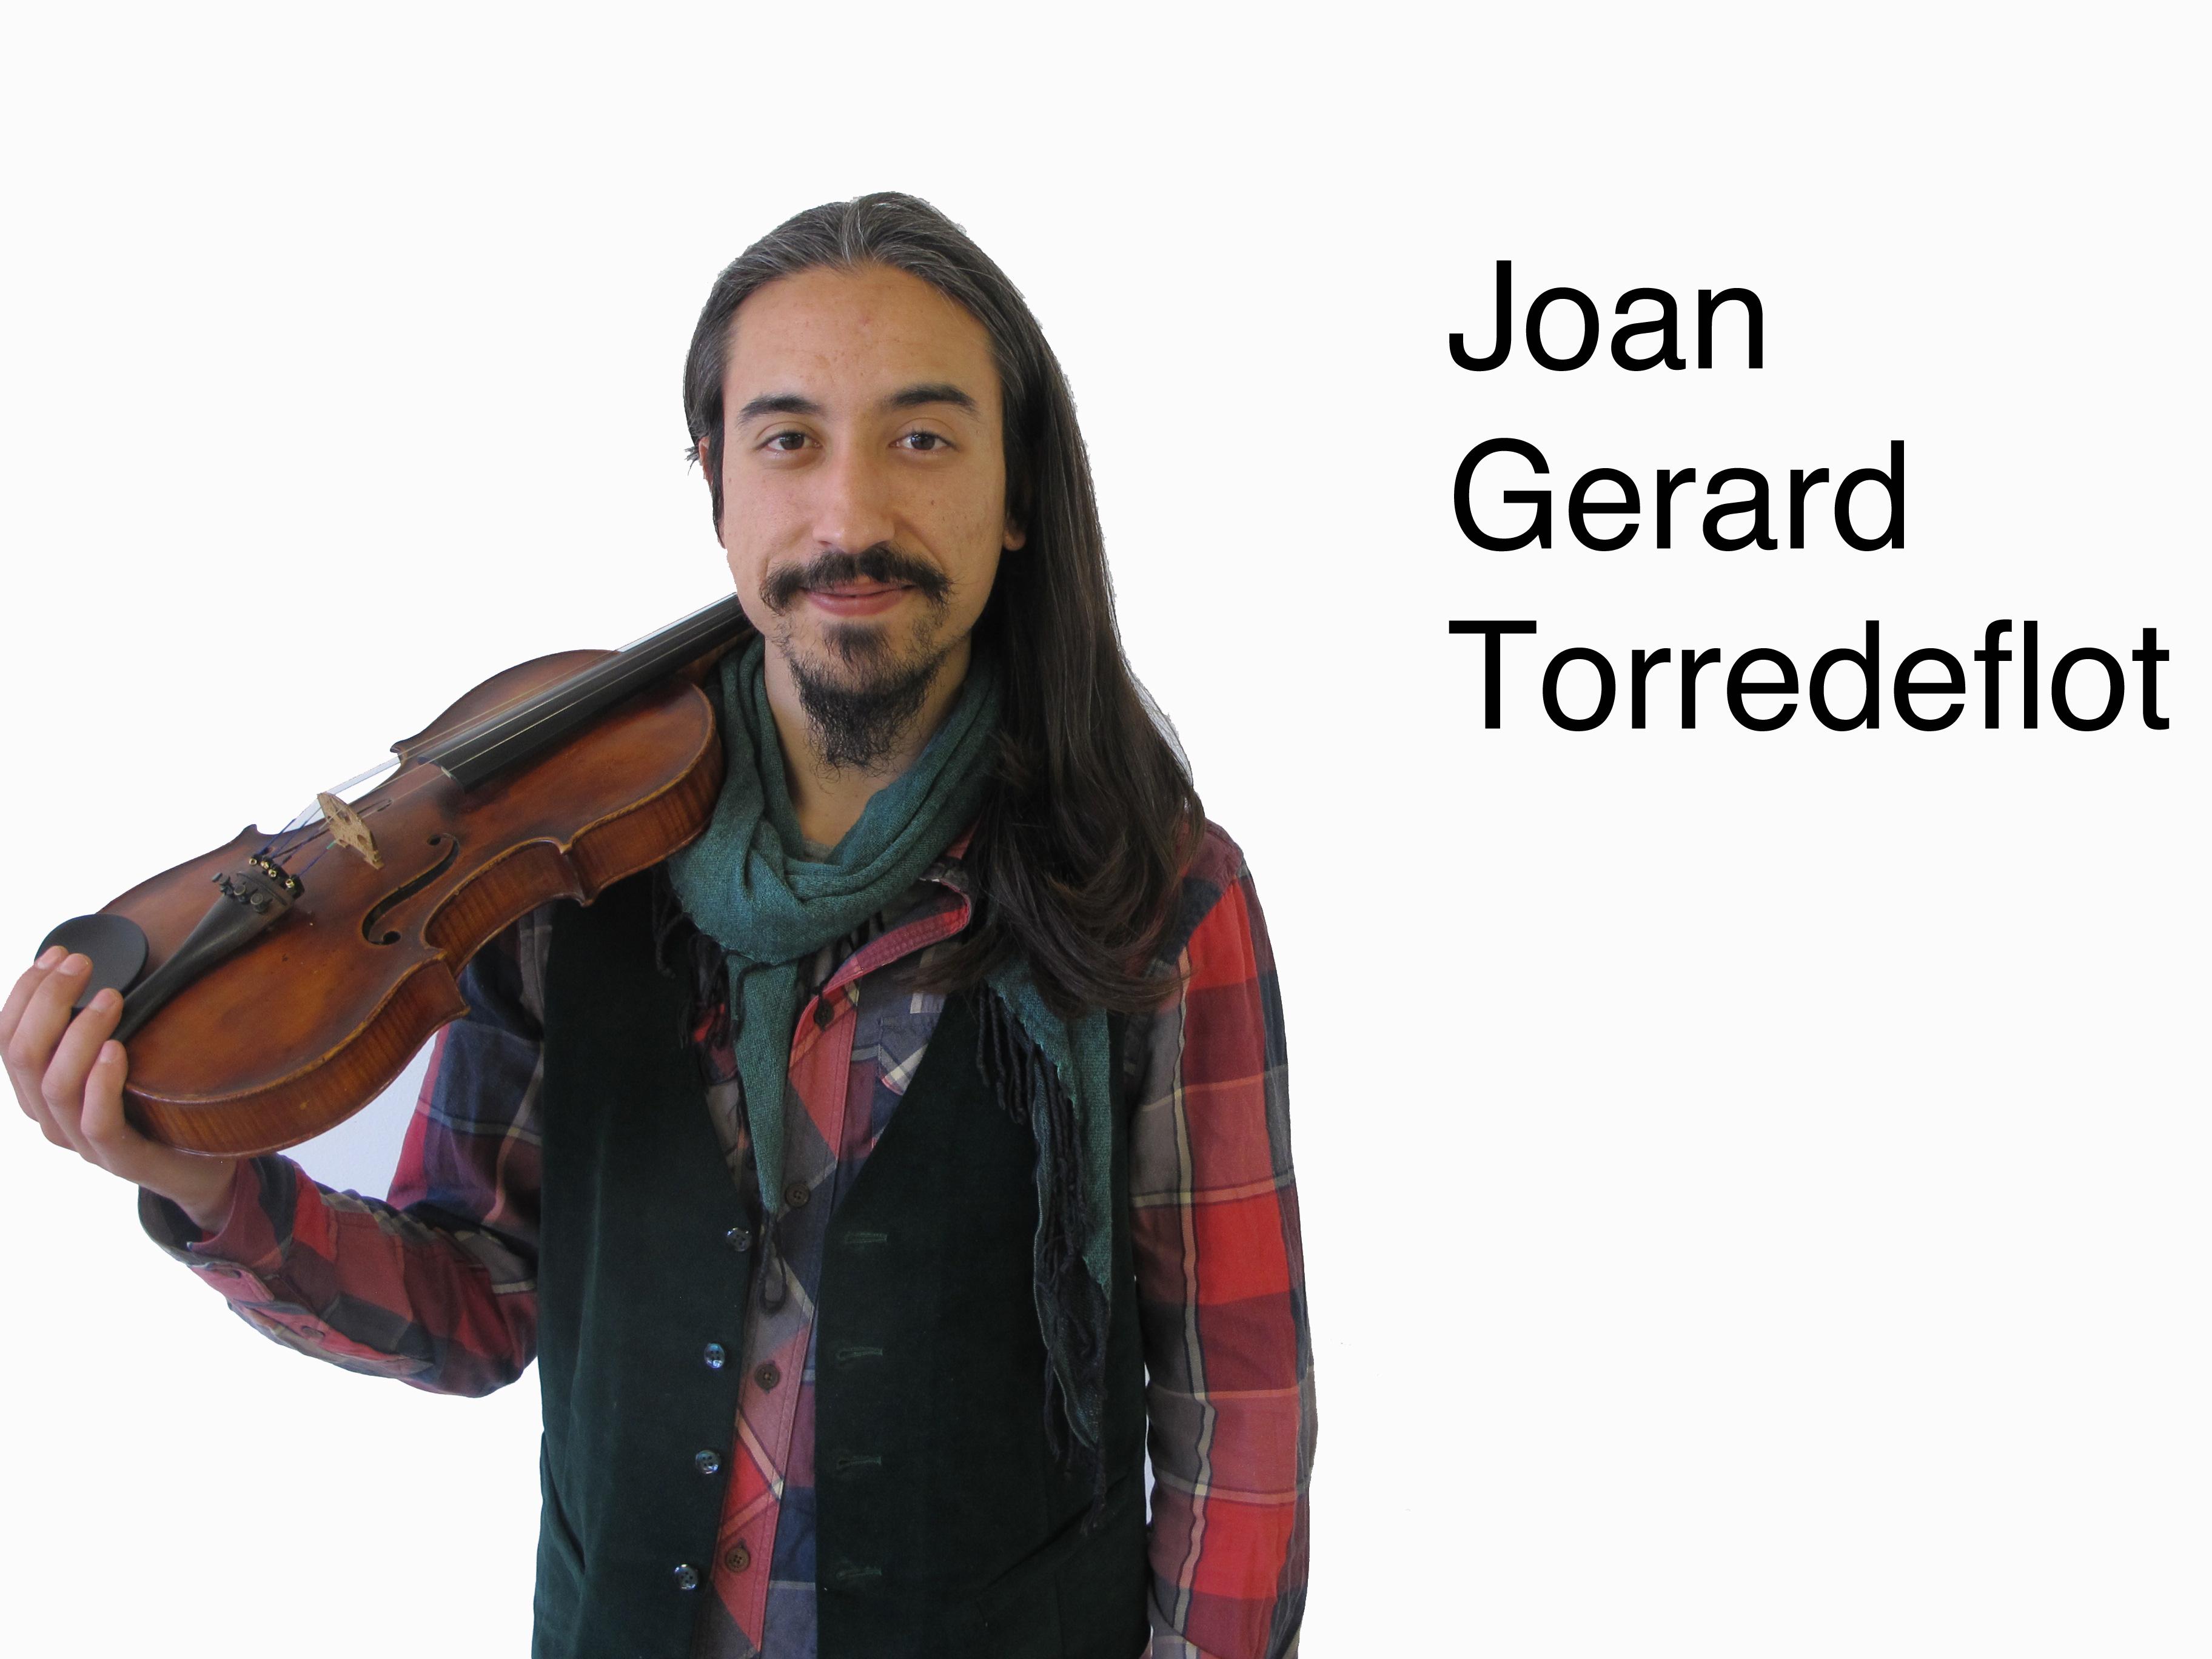 Joan Gerard Torredeflot